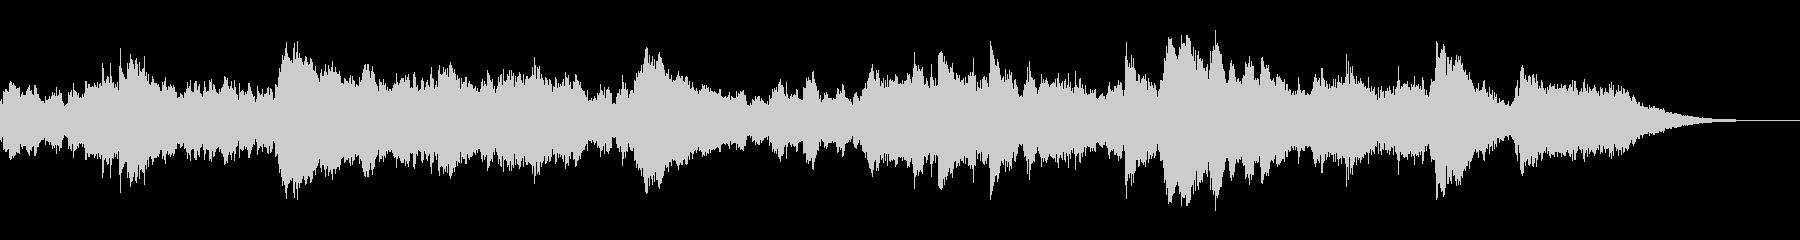 ミステリアスな場面で使える不穏な曲調の未再生の波形